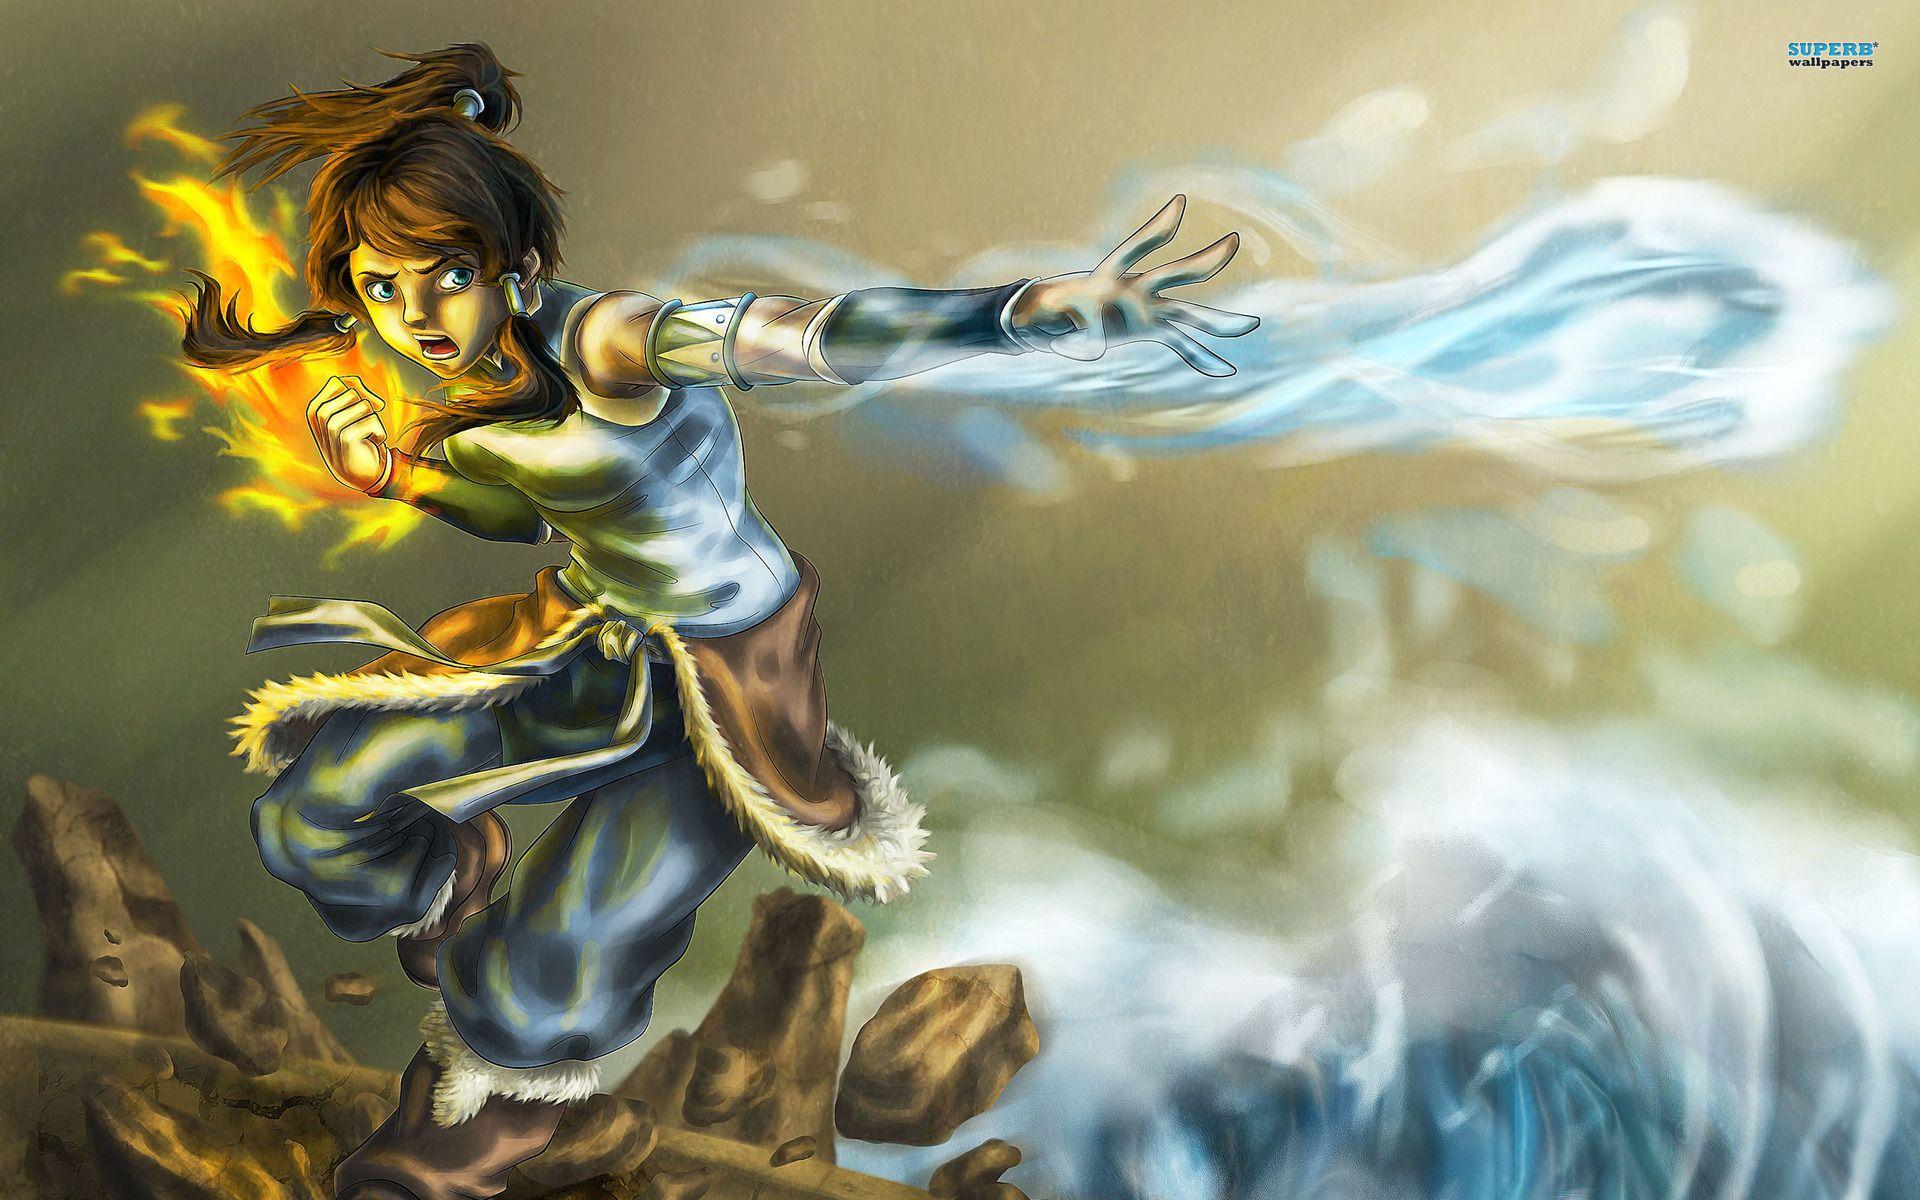 The Legend Of Korra Legend of korra, Anime fight, Girl